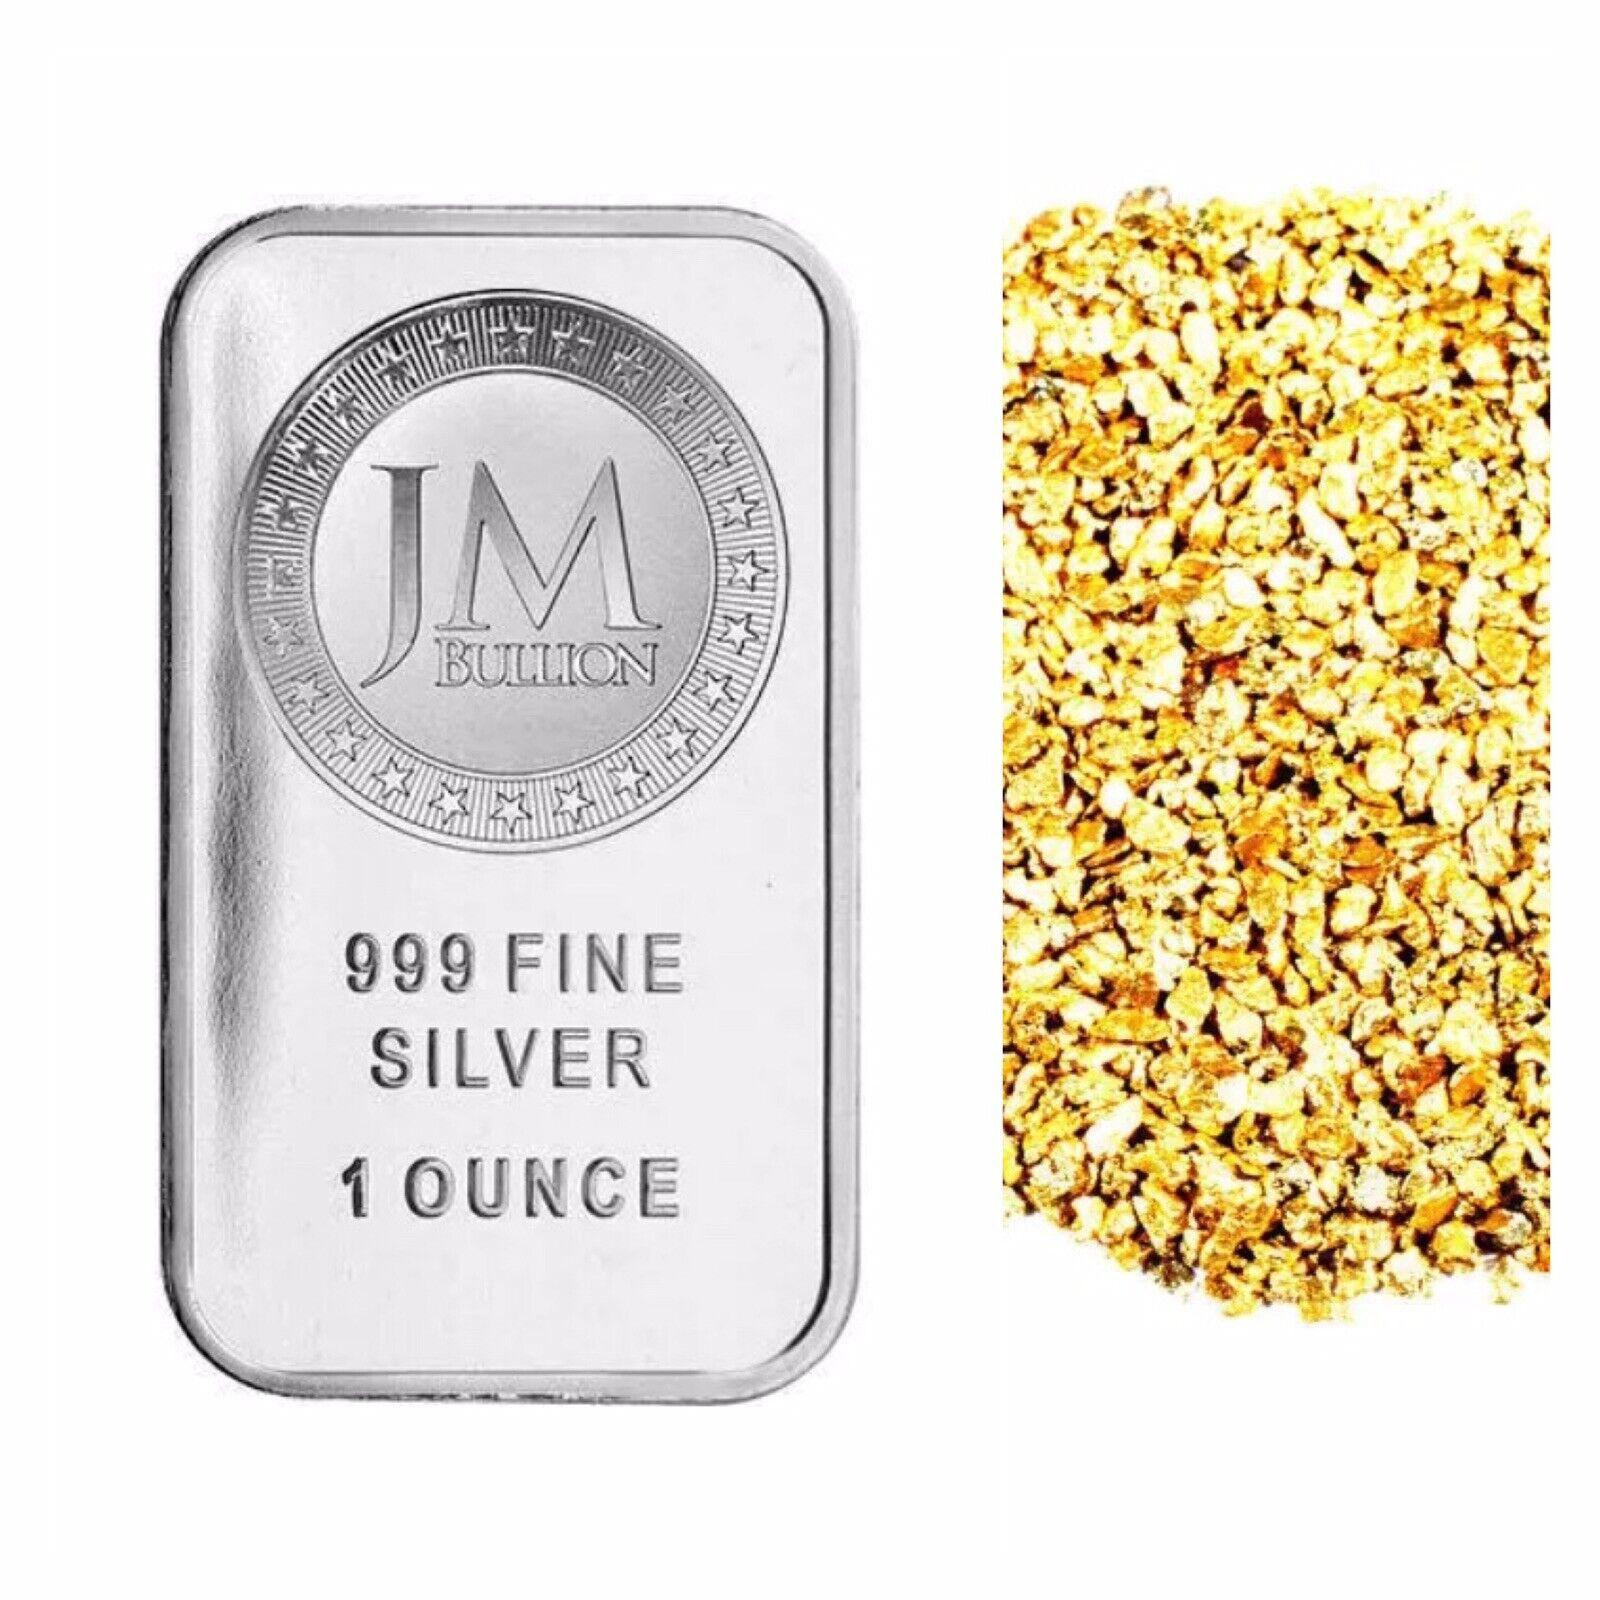 1 Troy Oz 999 Silver Jm Bullion Bar Bu